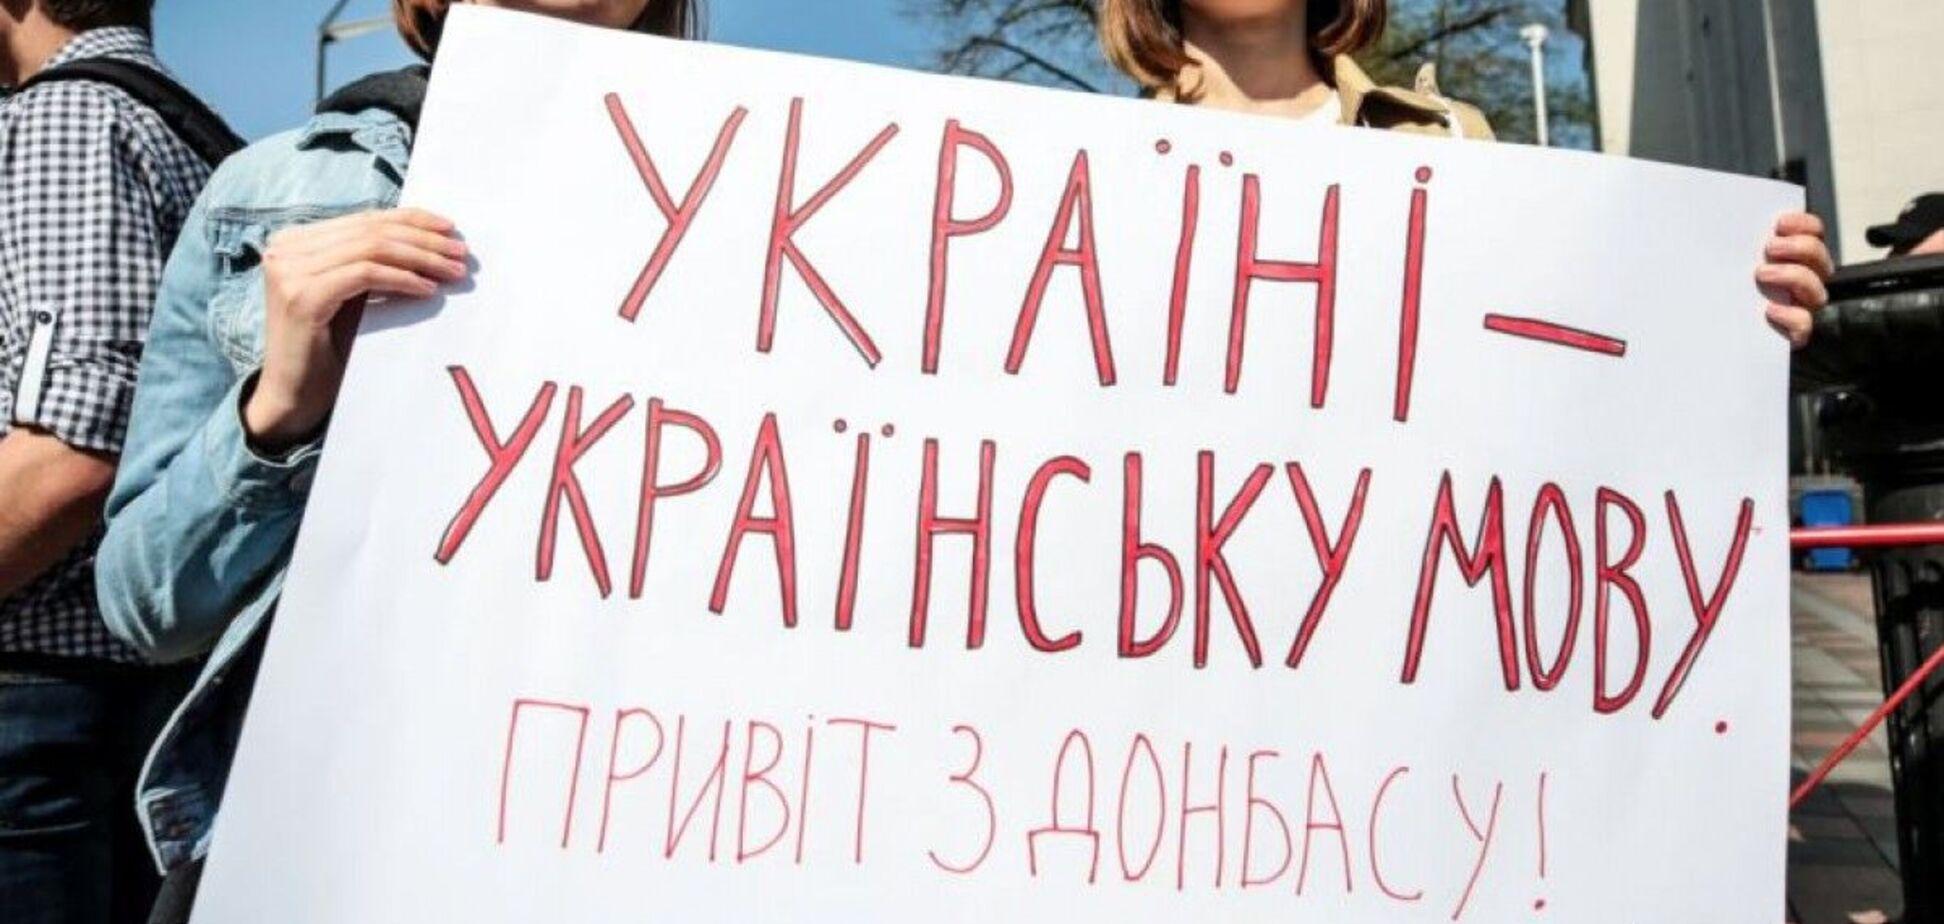 Використання української мови фактично заборонене